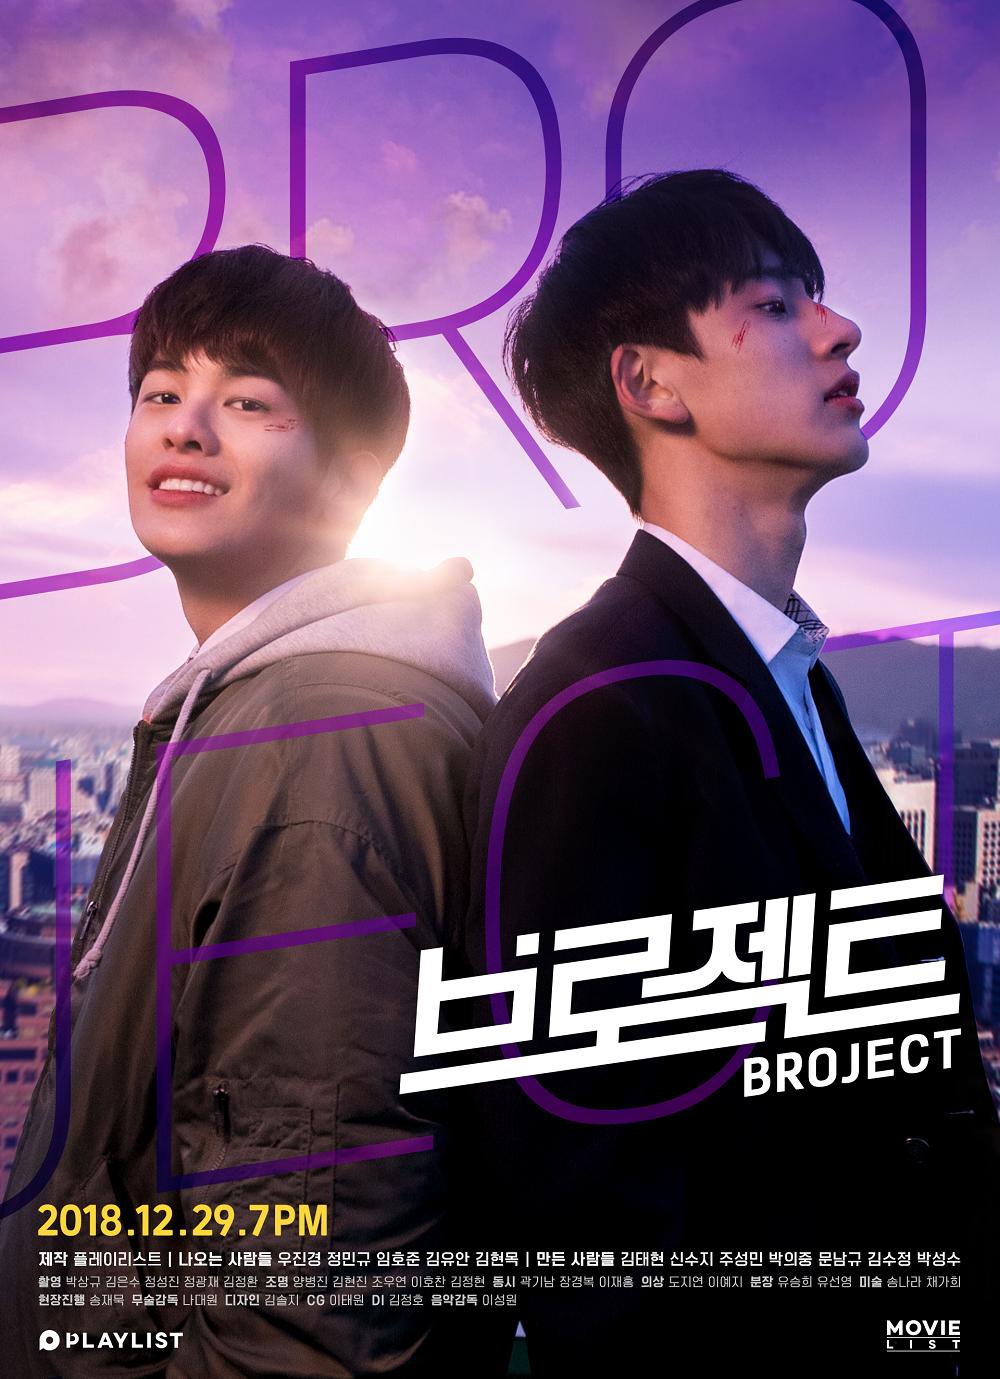 모델 우진경 웹무비 '브로젝트로'로 첫 연기 도전!